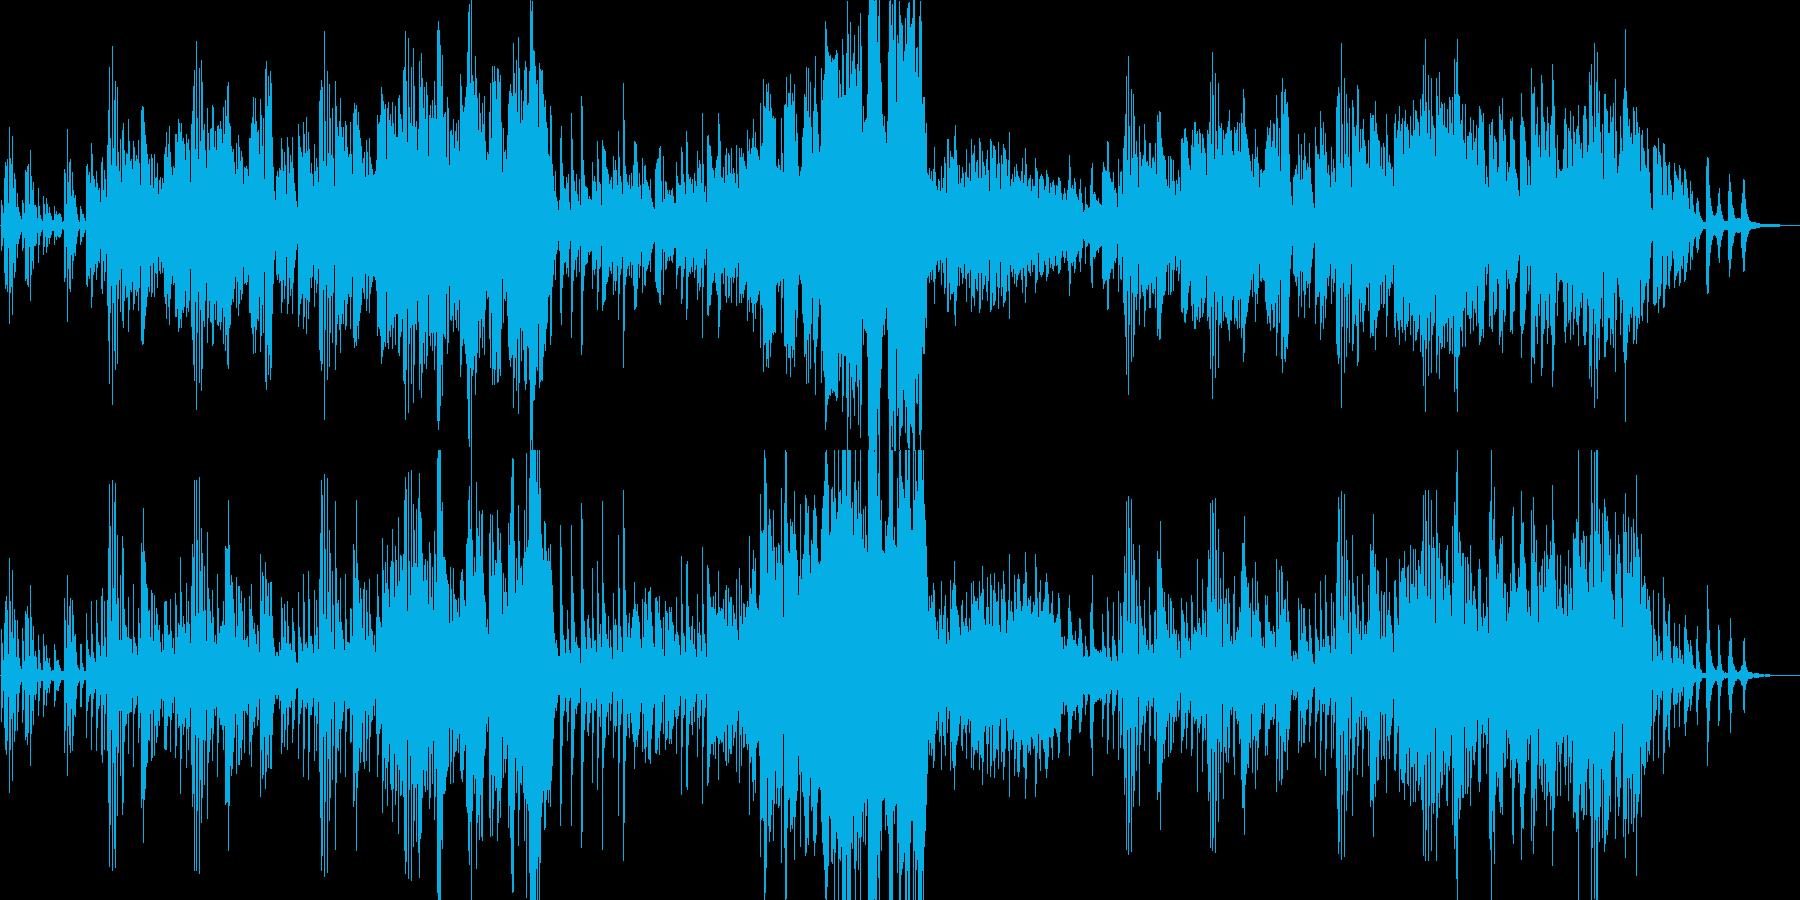 ピアノのメロディーが非常に美しい感動音楽の再生済みの波形